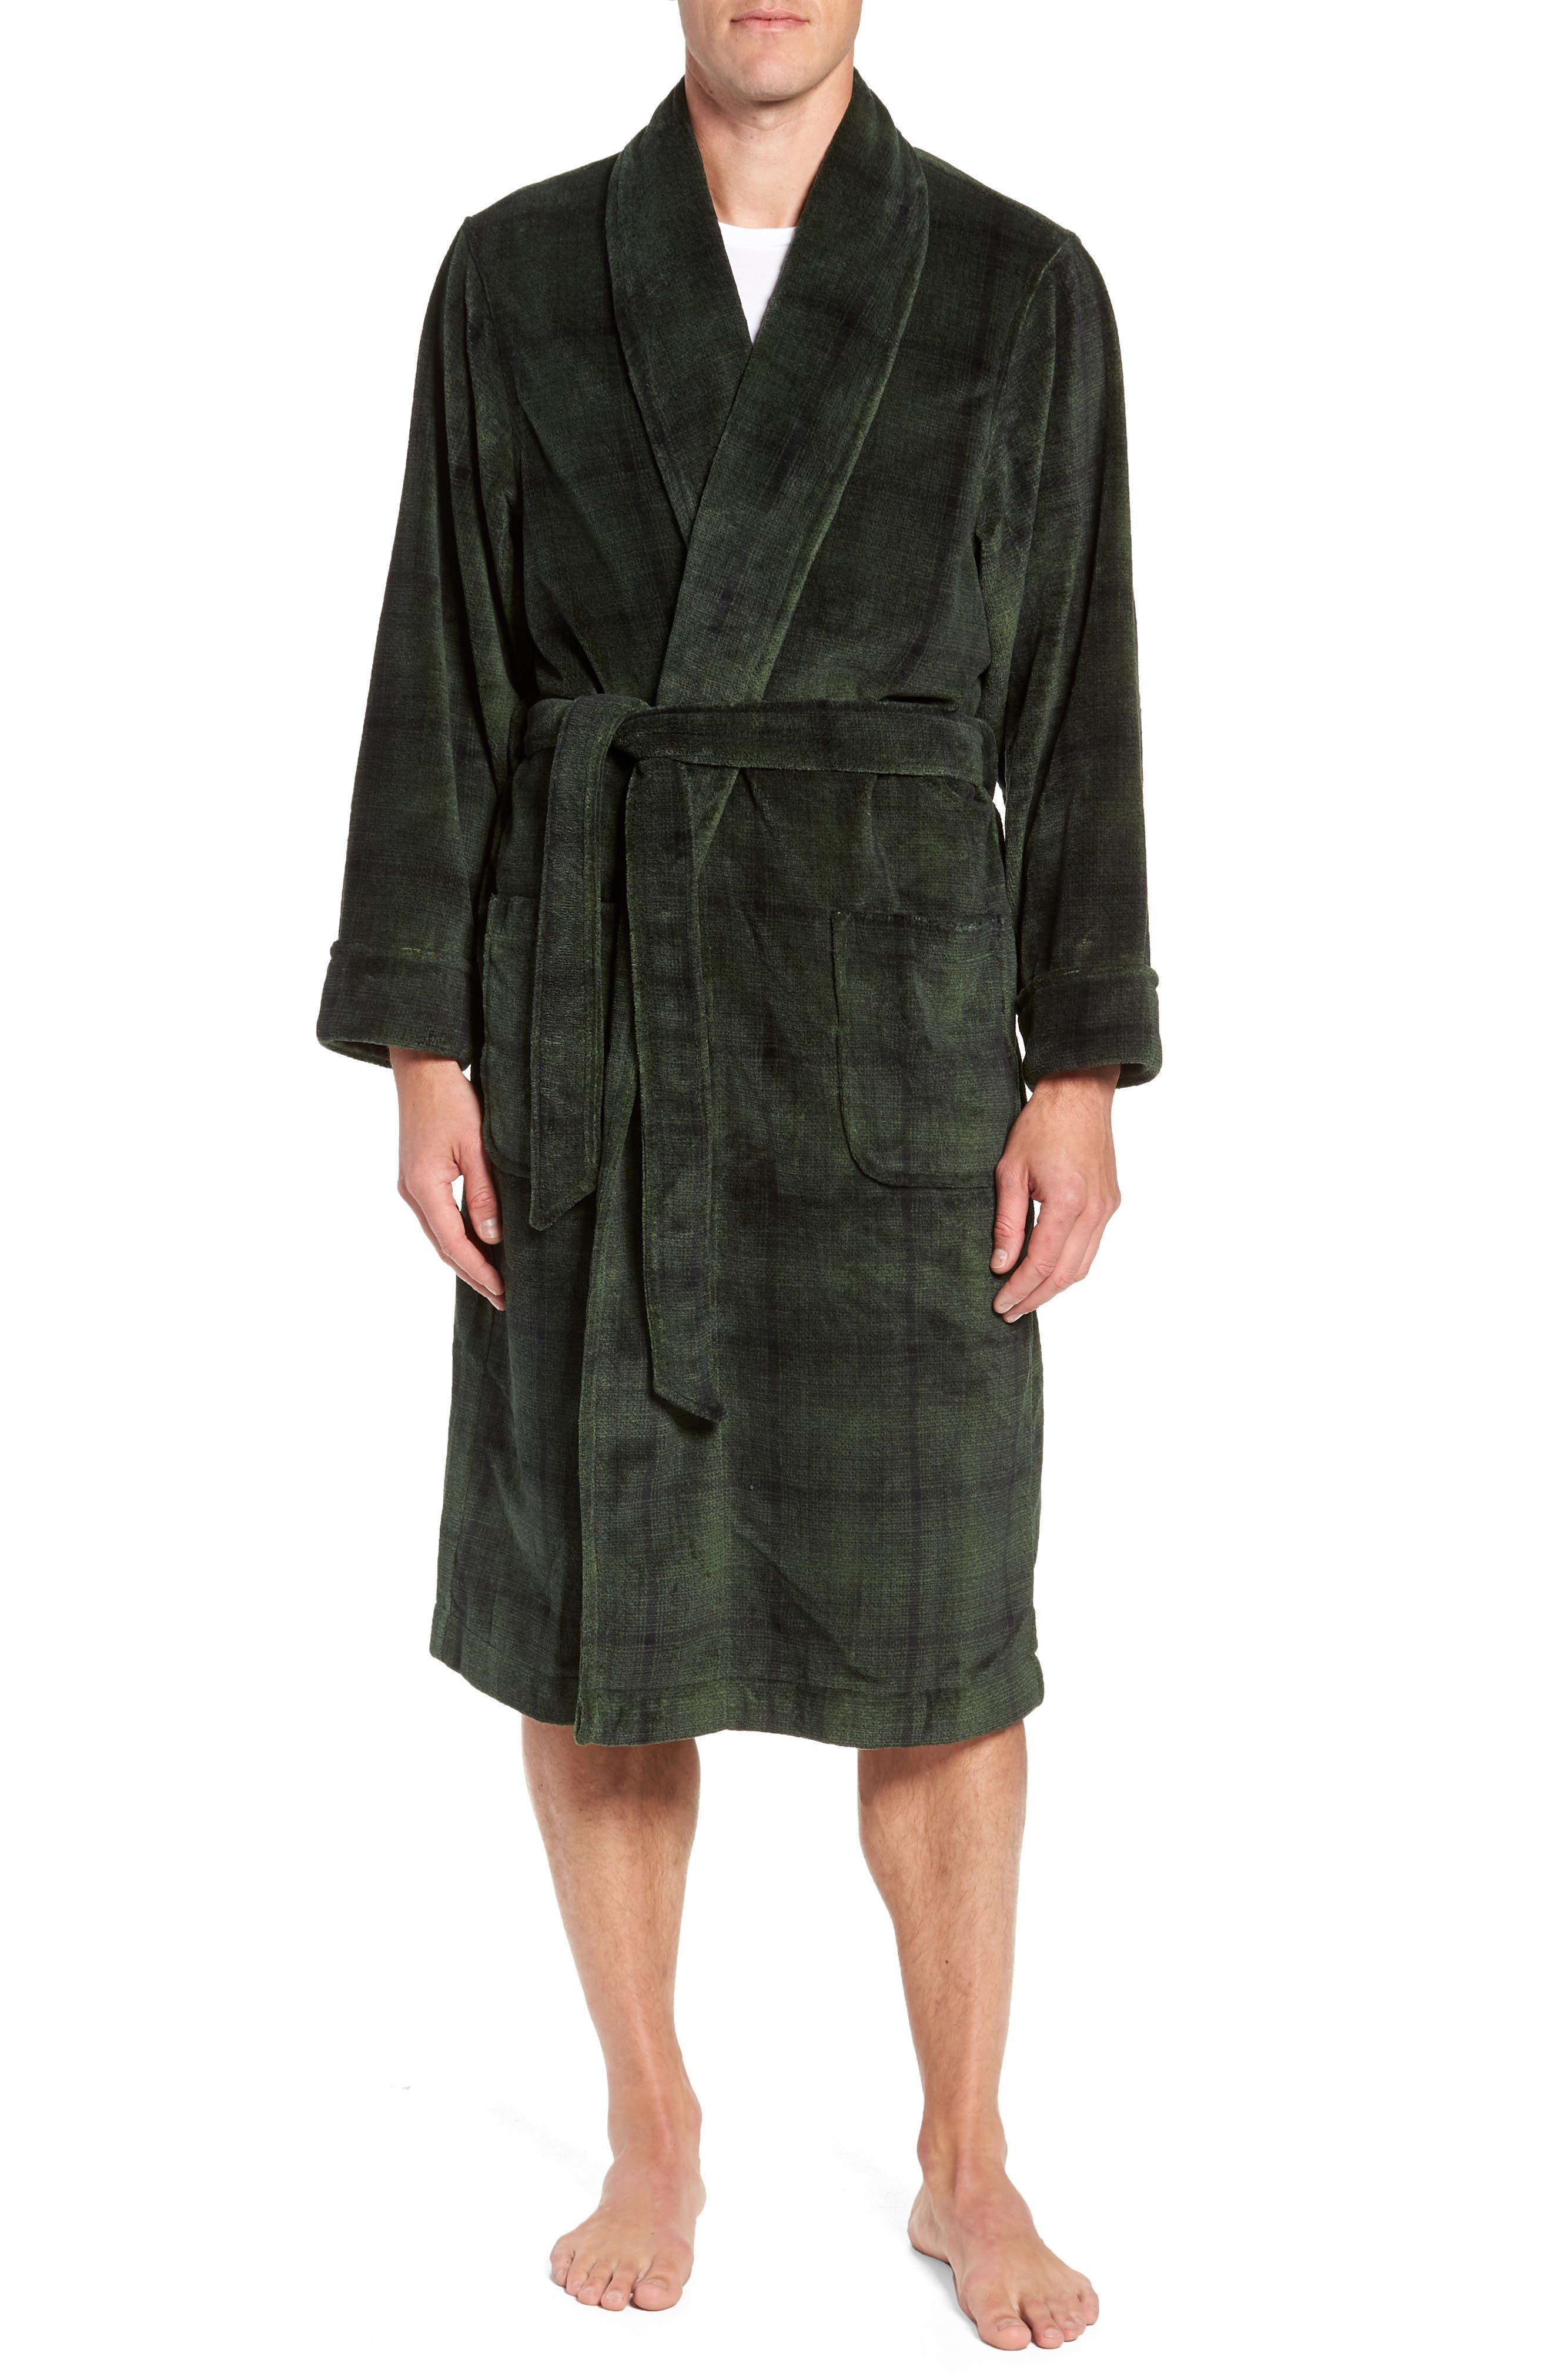 Ombré Plaid Fleece Robe,                         Main,                         color, GREEN - BLACK OMBRE PLAID